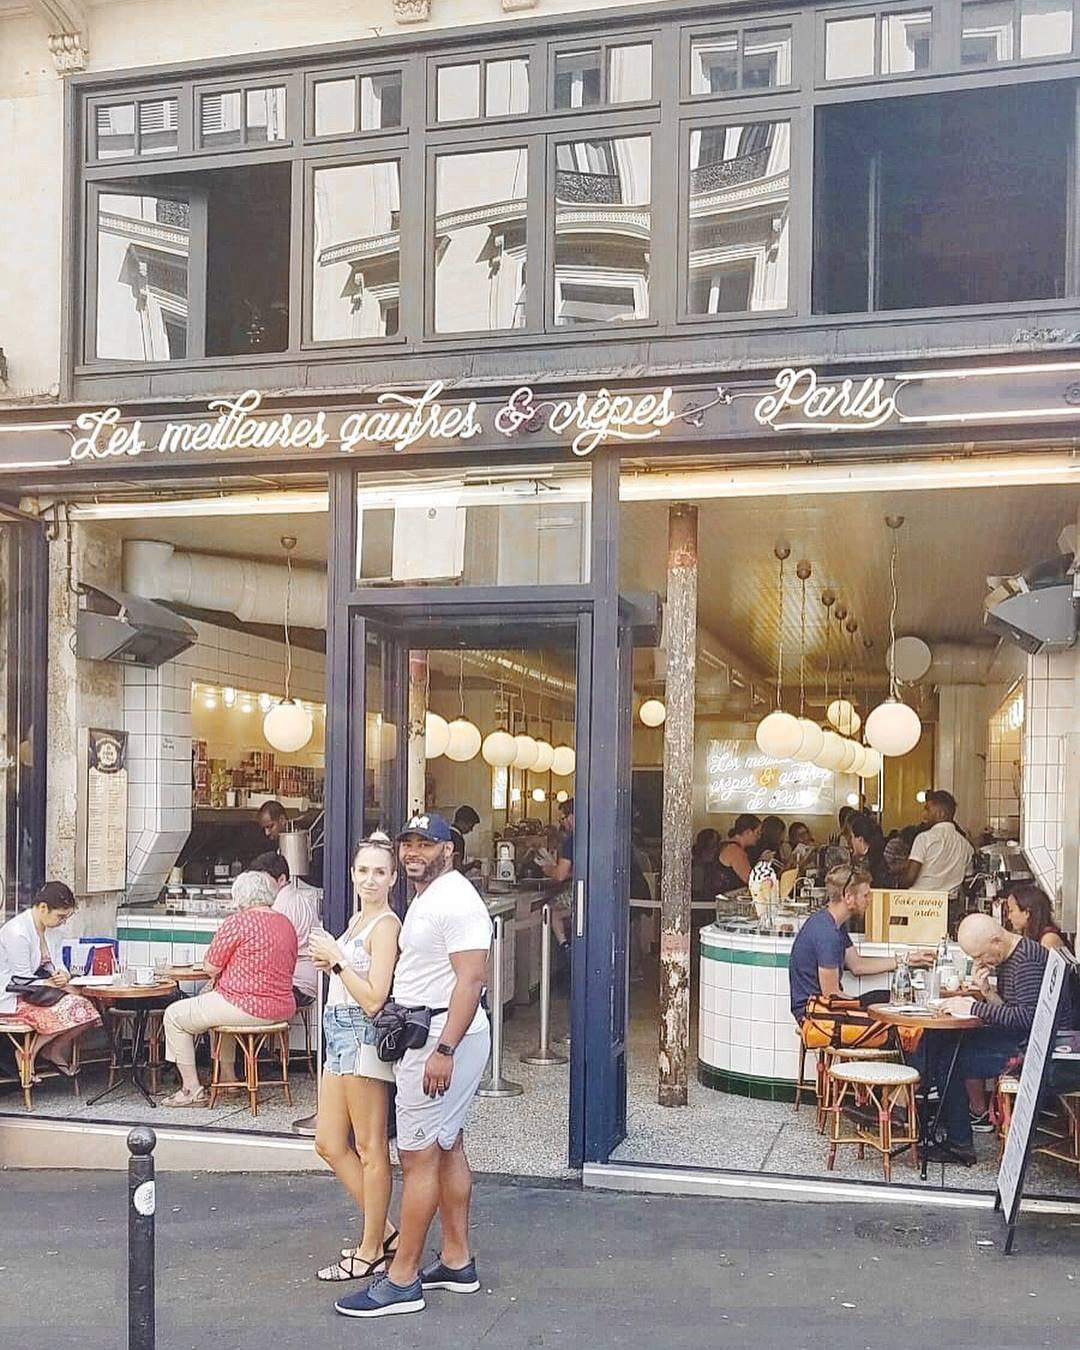 les-meilleurs-gaufres-crepes-paris-france